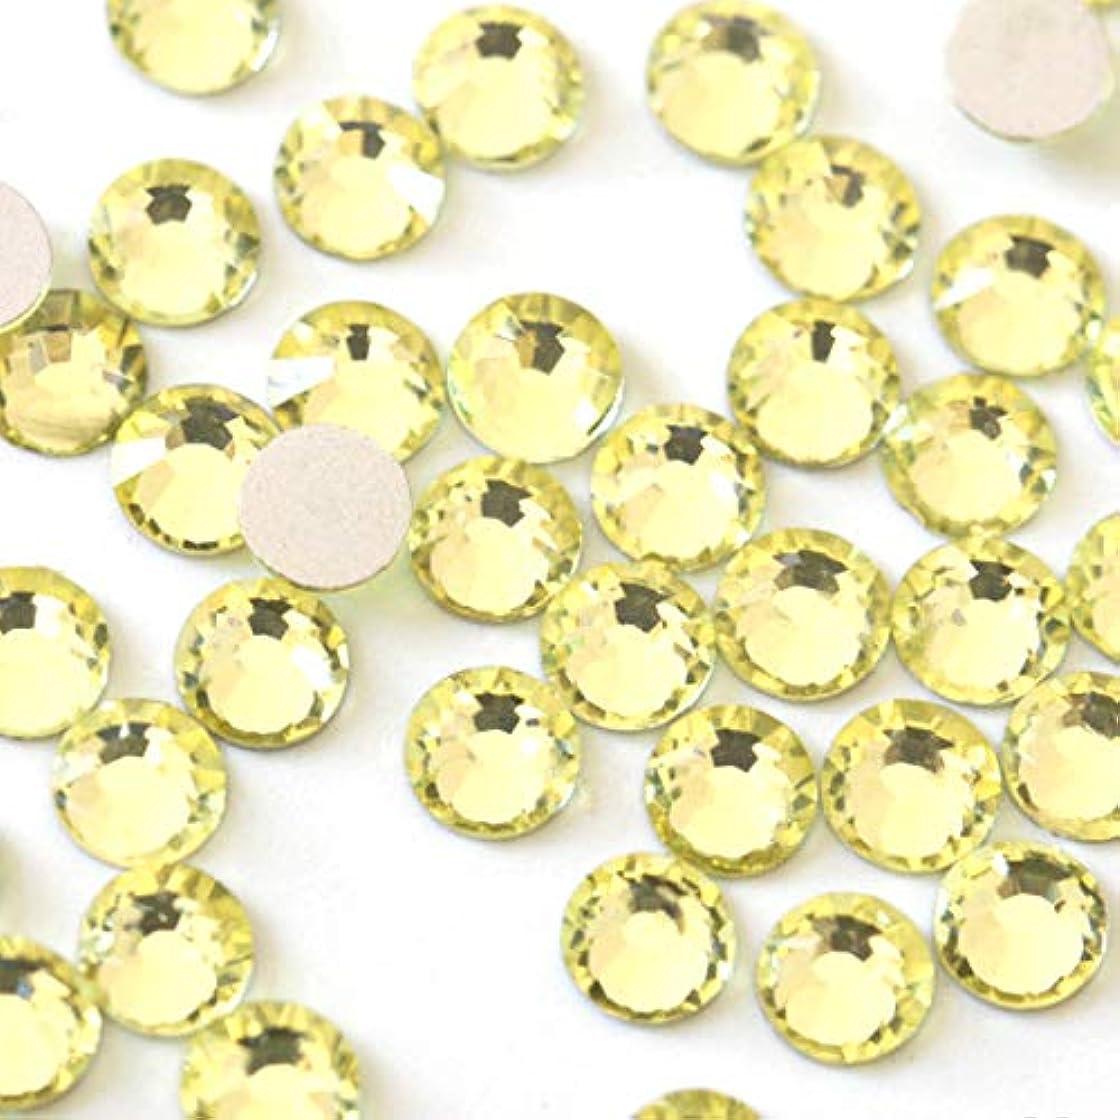 以来衣装クレア【ラインストーン77】高品質ガラス製ラインストーン ジョンキル(2.6mm (SS10) 約200粒)